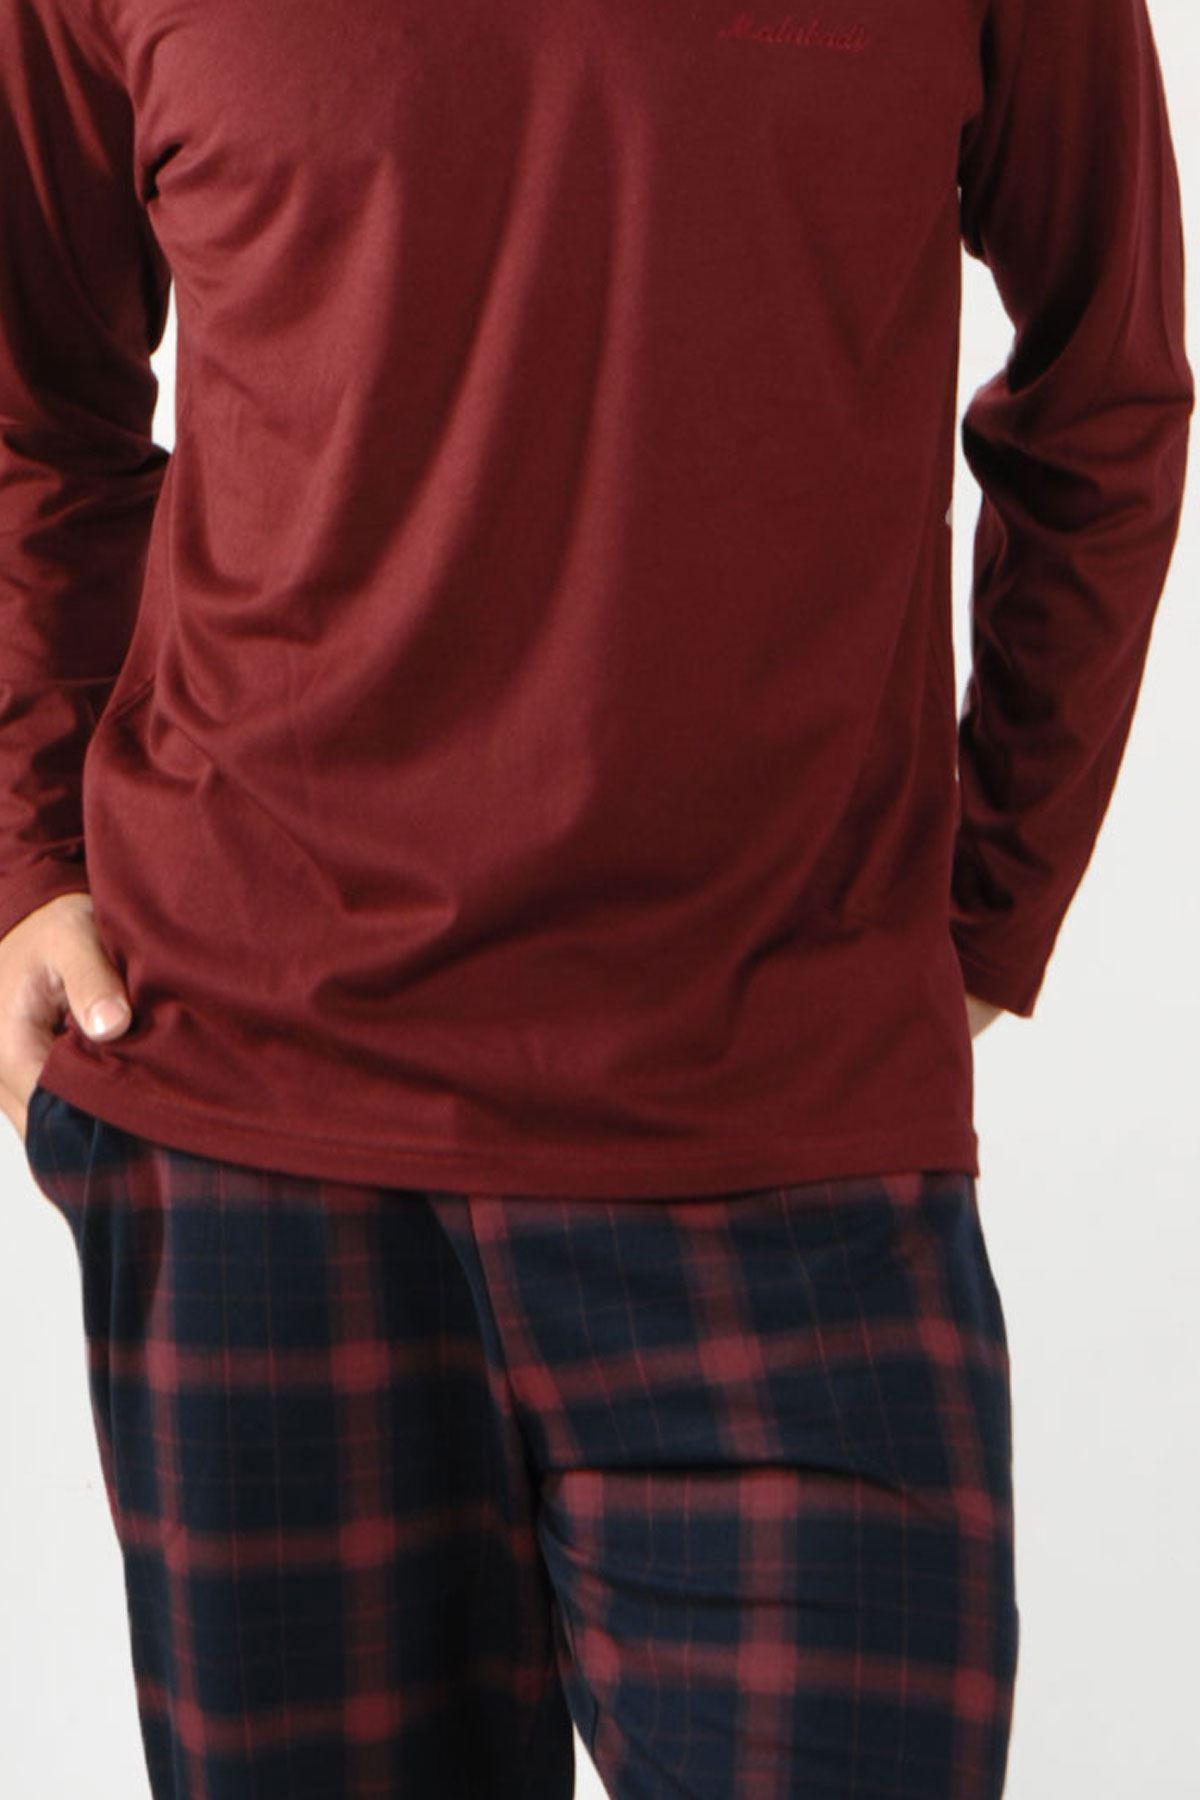 Bordo Ekoseli Erkek Pijama Takımı Düğmeli Yaka Kışlık Uzun Kollu Pijama 6015